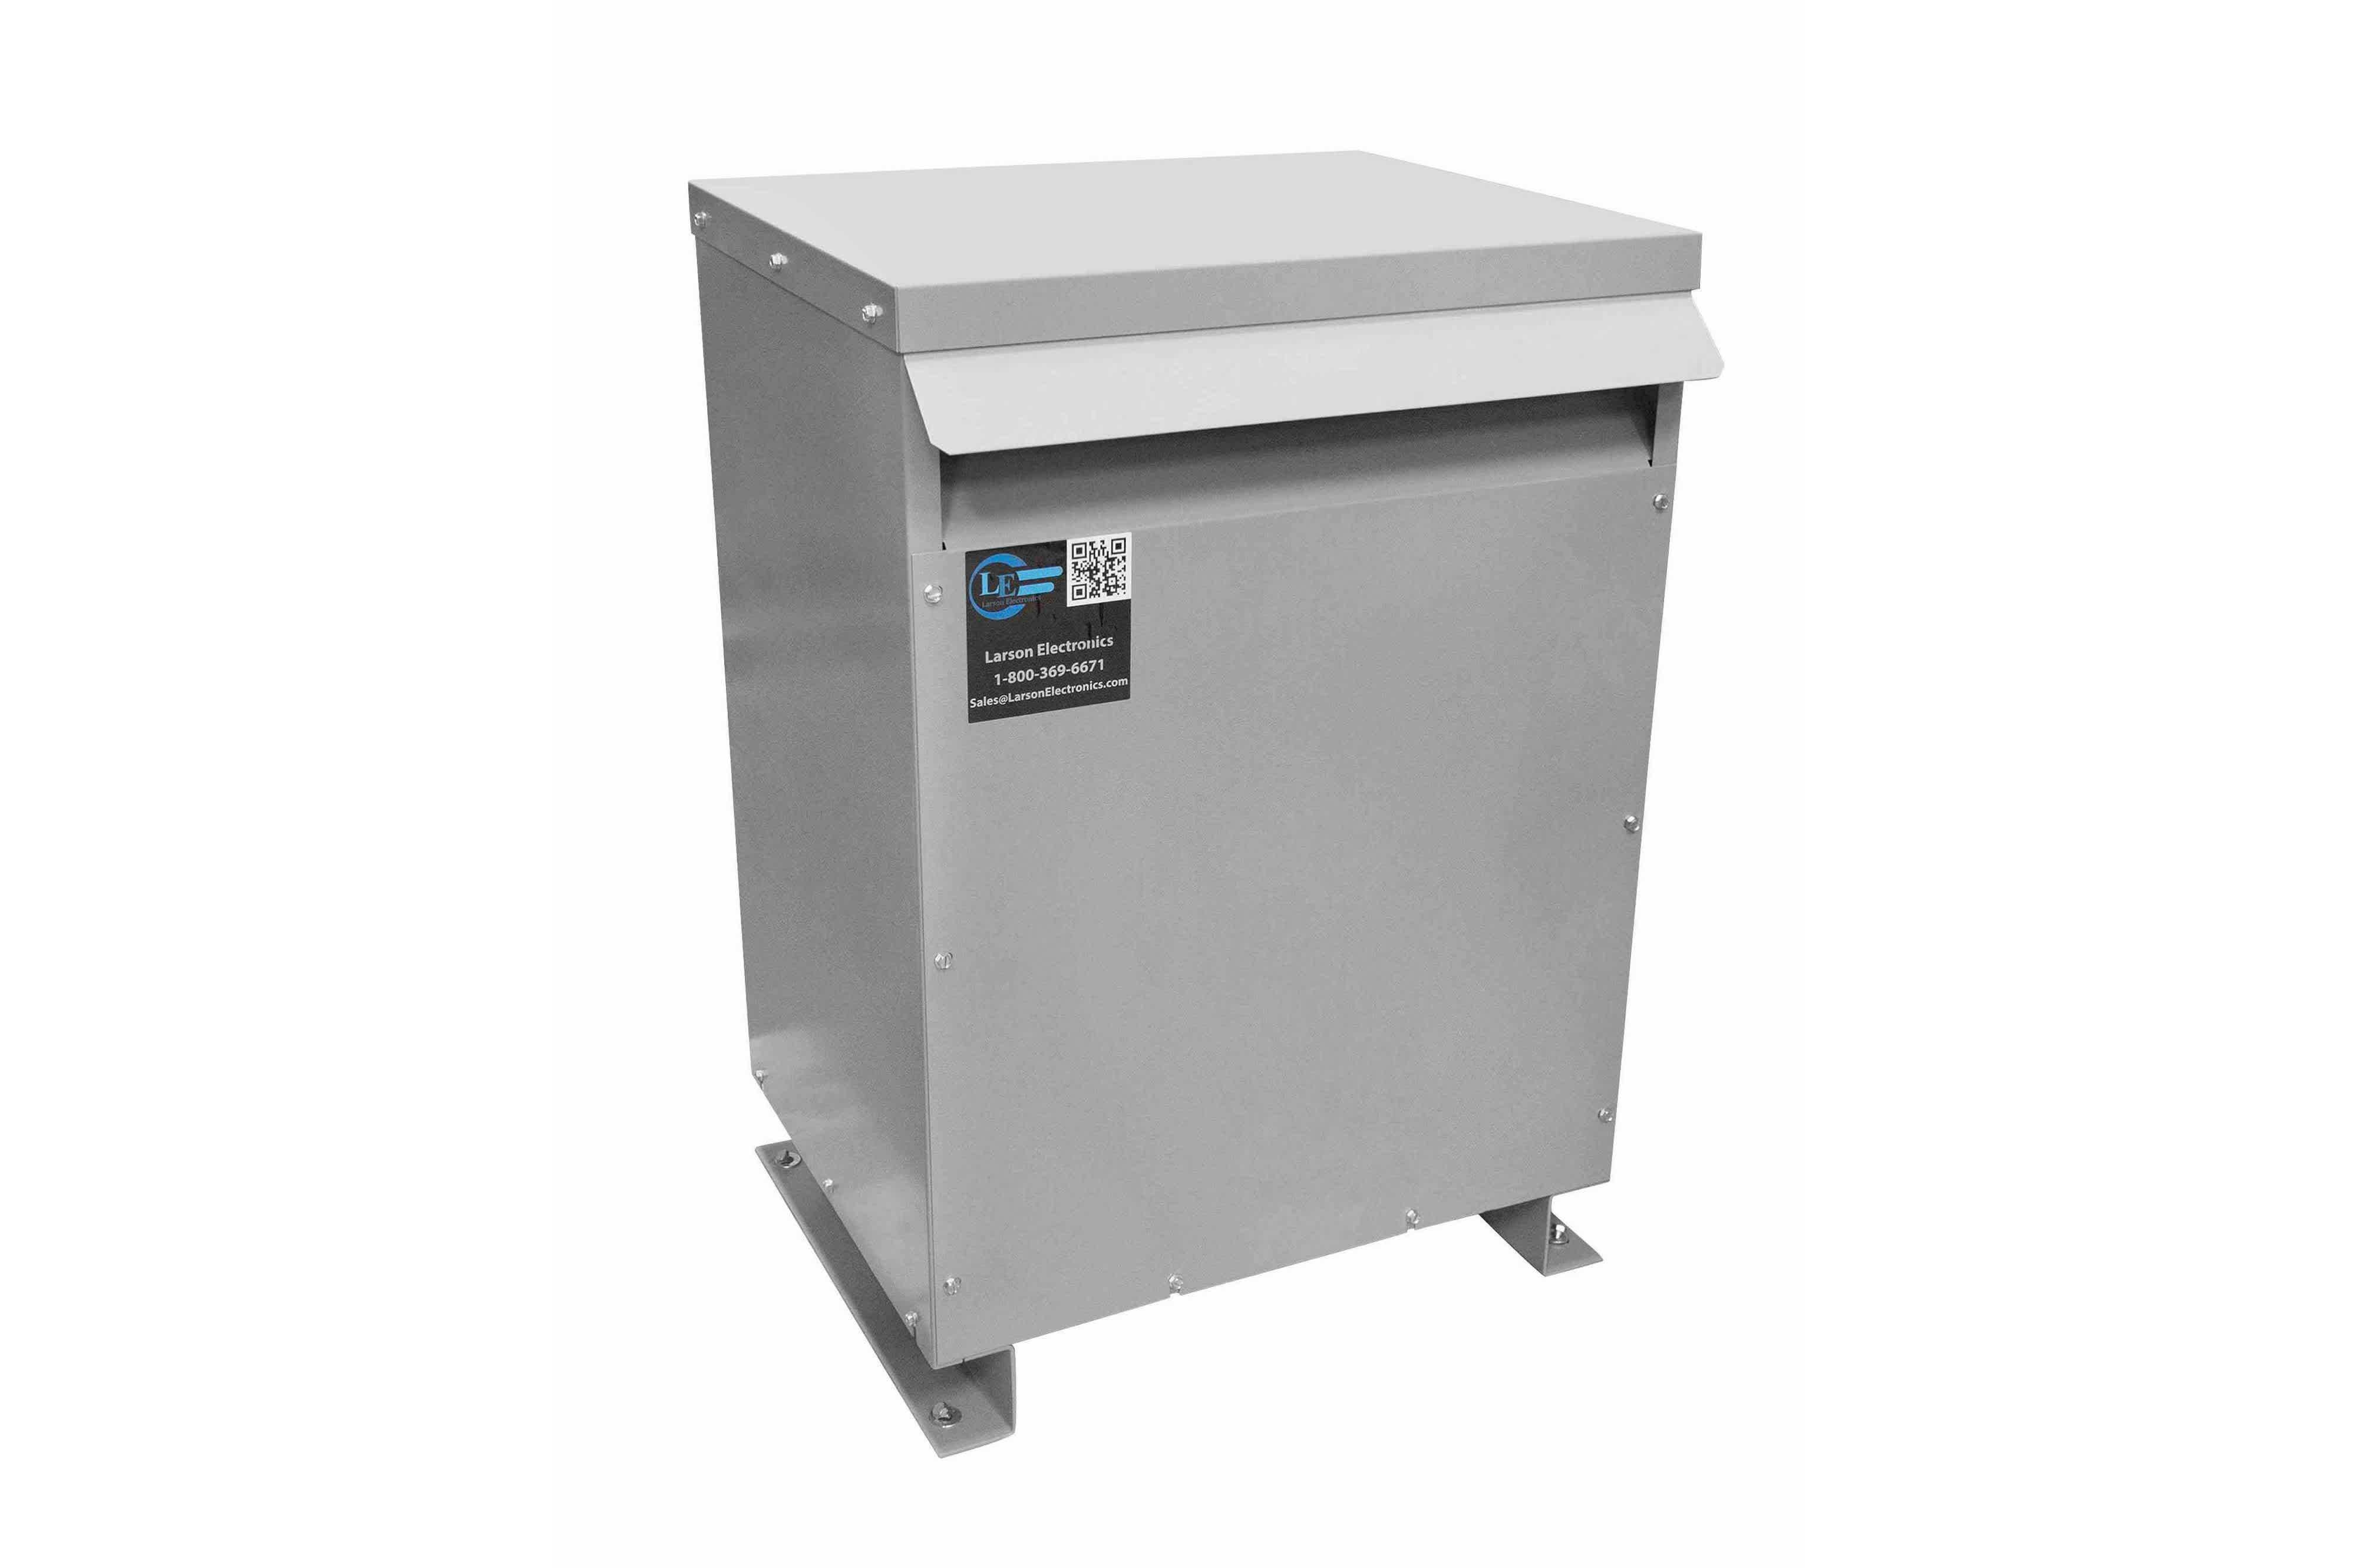 600 kVA 3PH Isolation Transformer, 380V Delta Primary, 240 Delta Secondary, N3R, Ventilated, 60 Hz